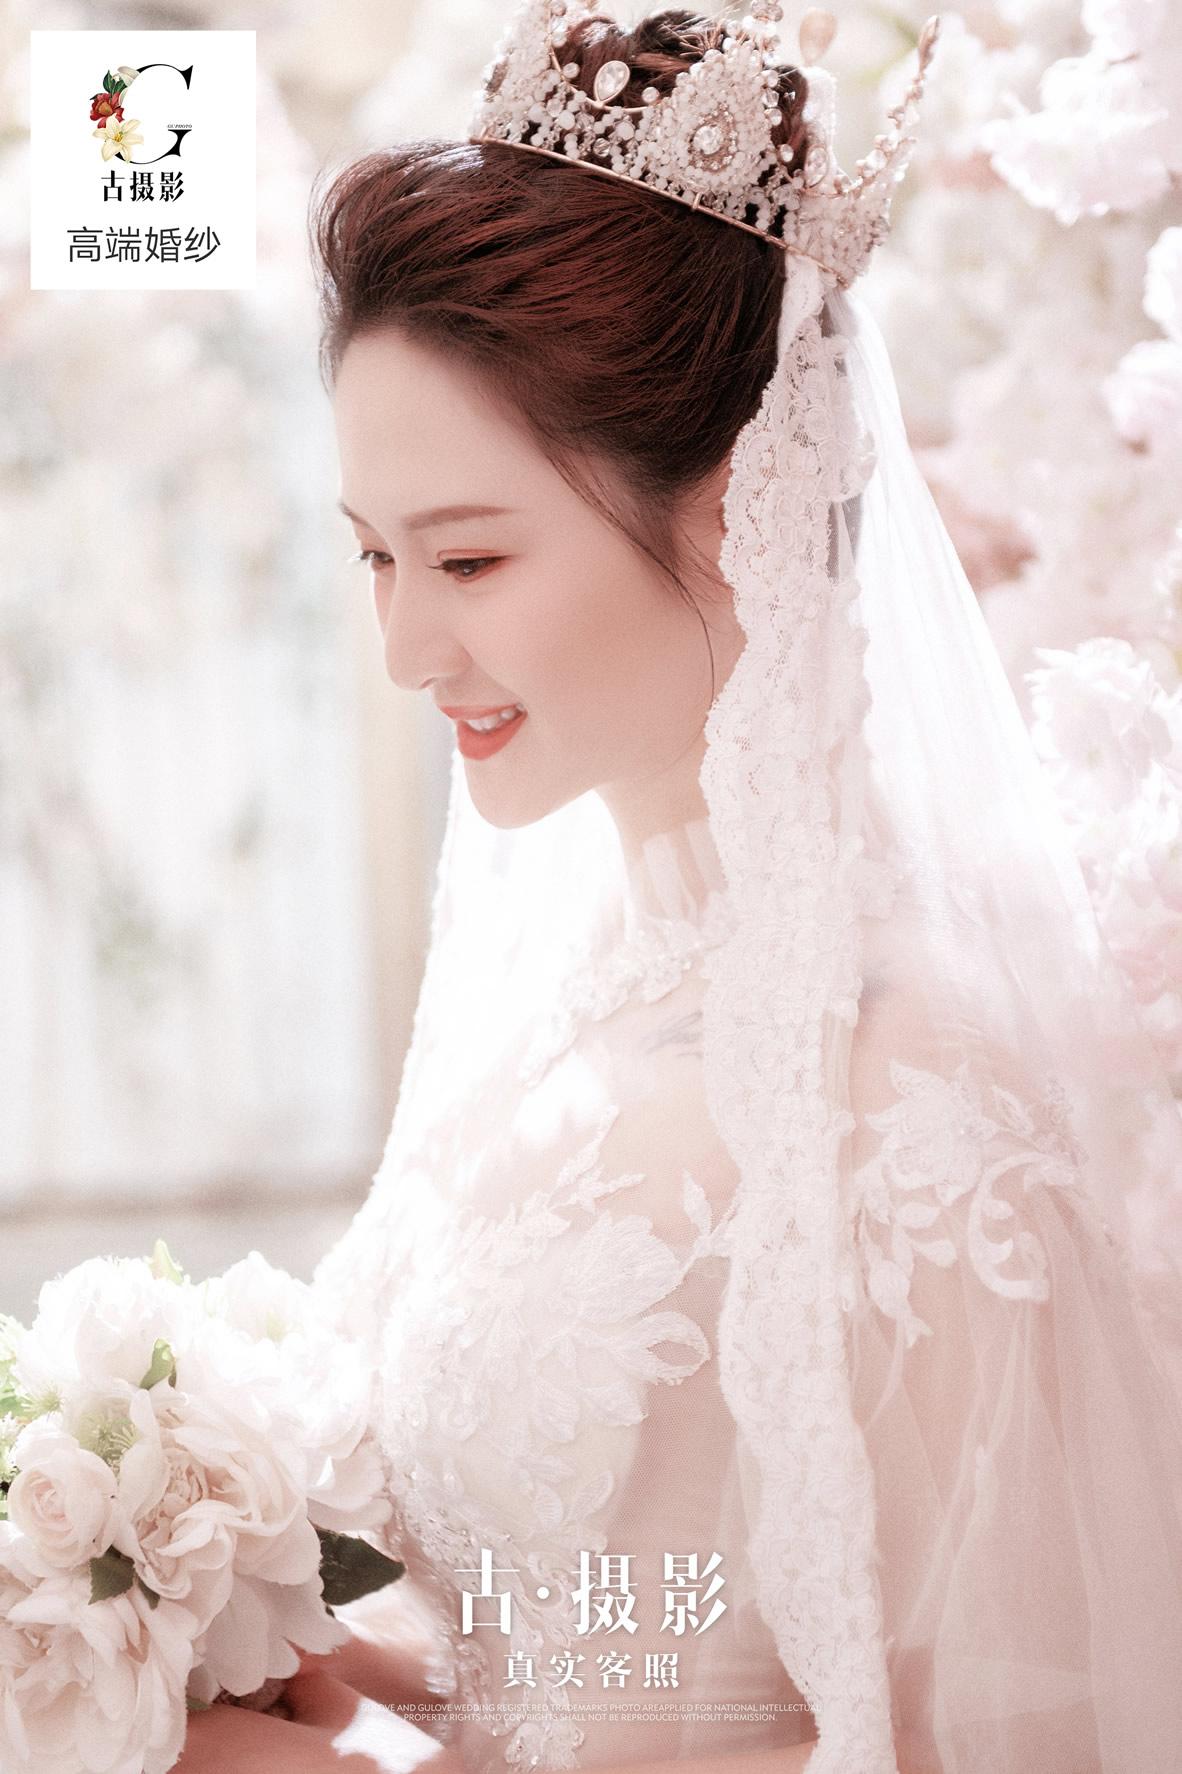 1月15日客片陈先生 赵小姐 - 每日客照 - 广州婚纱摄影-广州古摄影官网